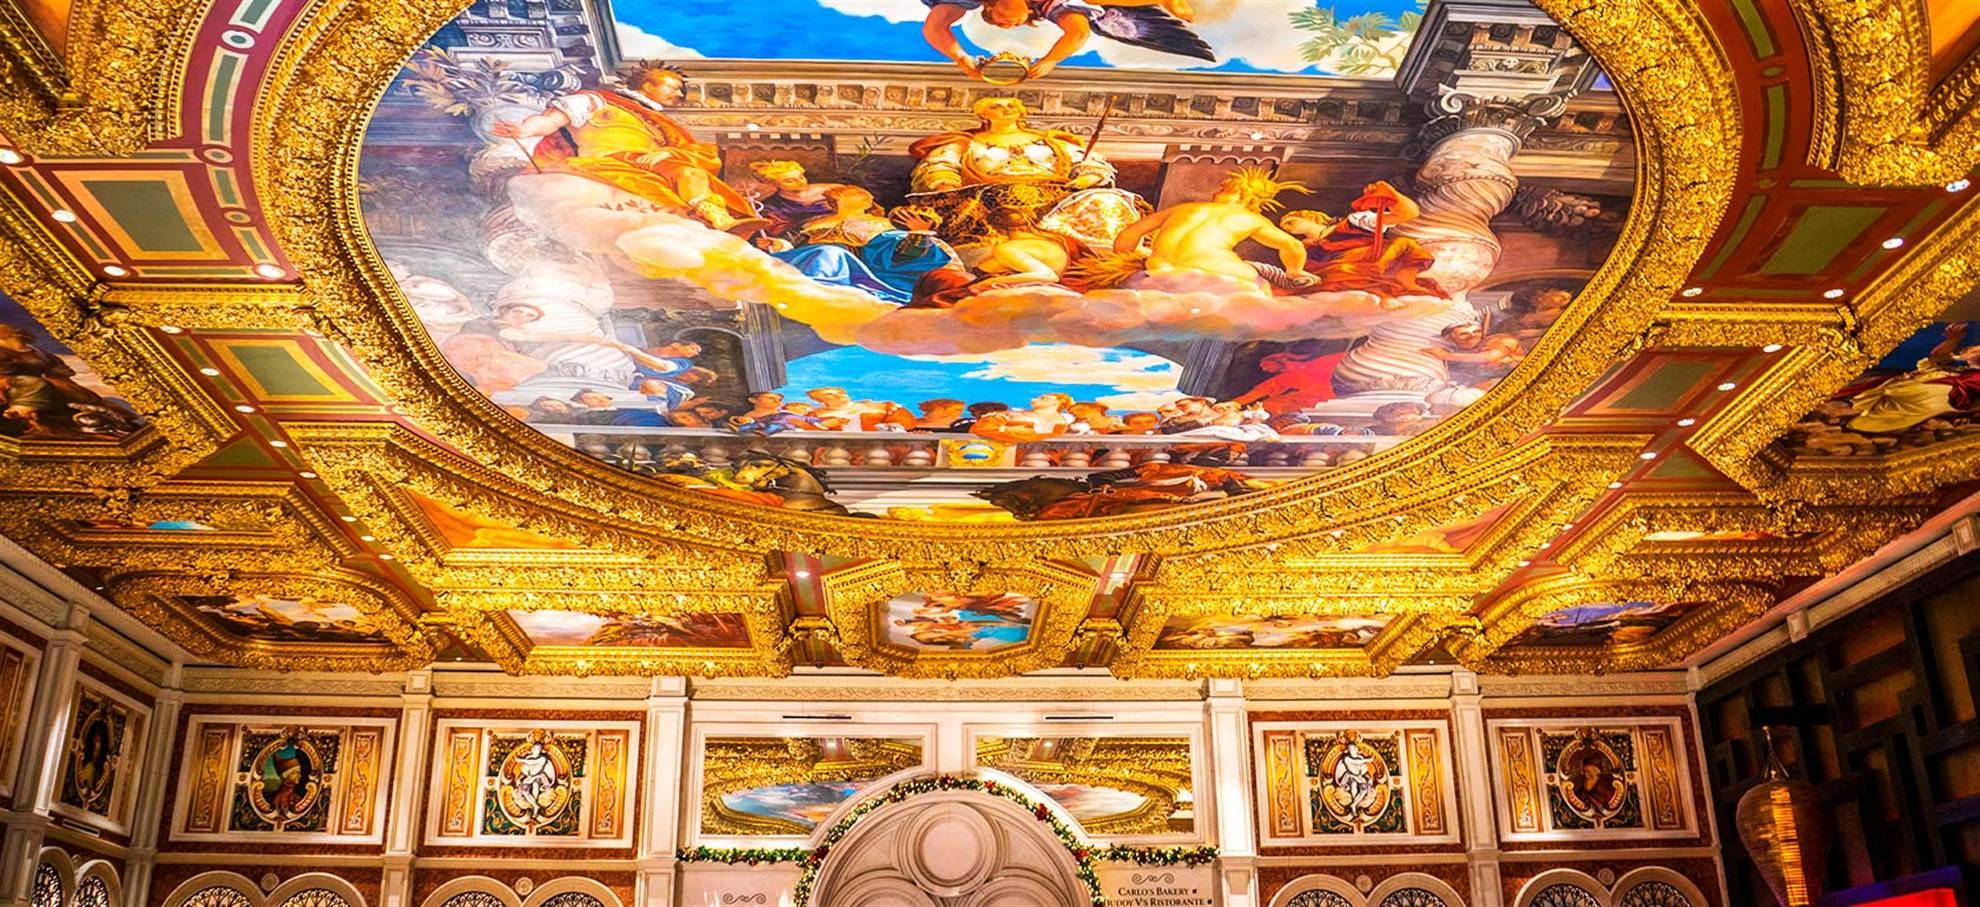 Musées du Vatican & Chapelle Sixtine + Guide Audio Français